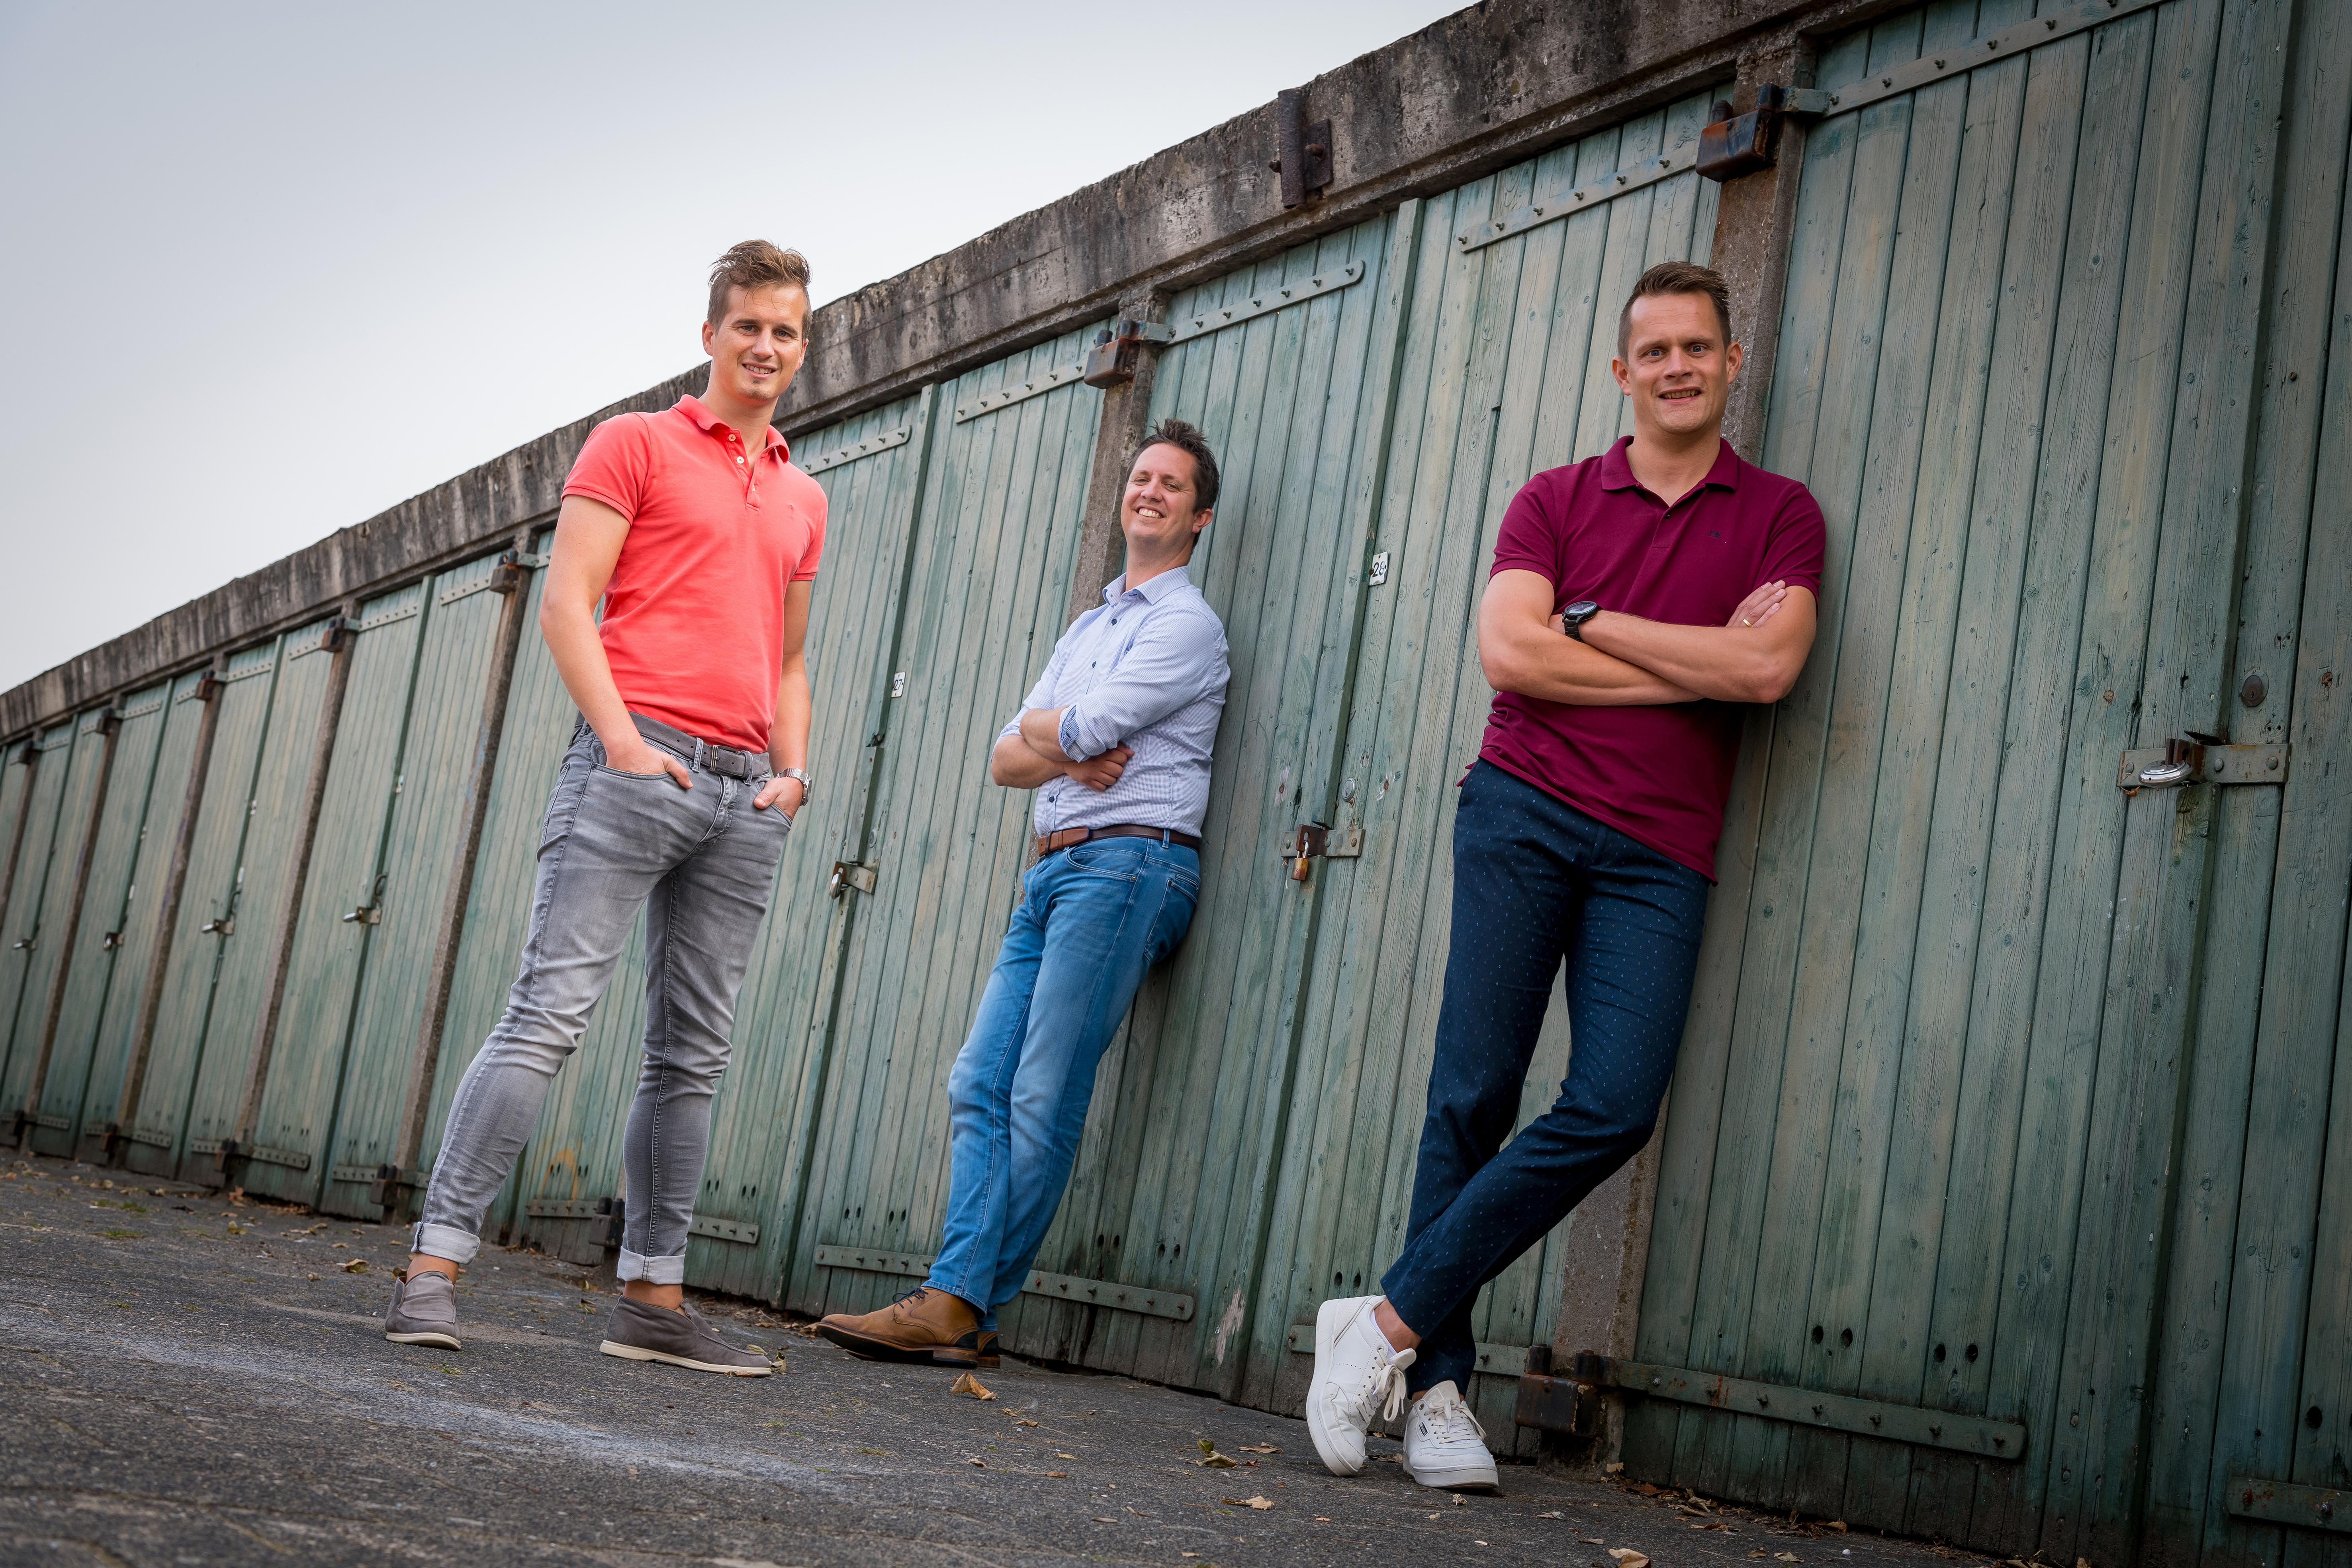 Brys, van links naar rechts: Walter Leenheer, Ruben van Mourik en Mathijs Vreeken